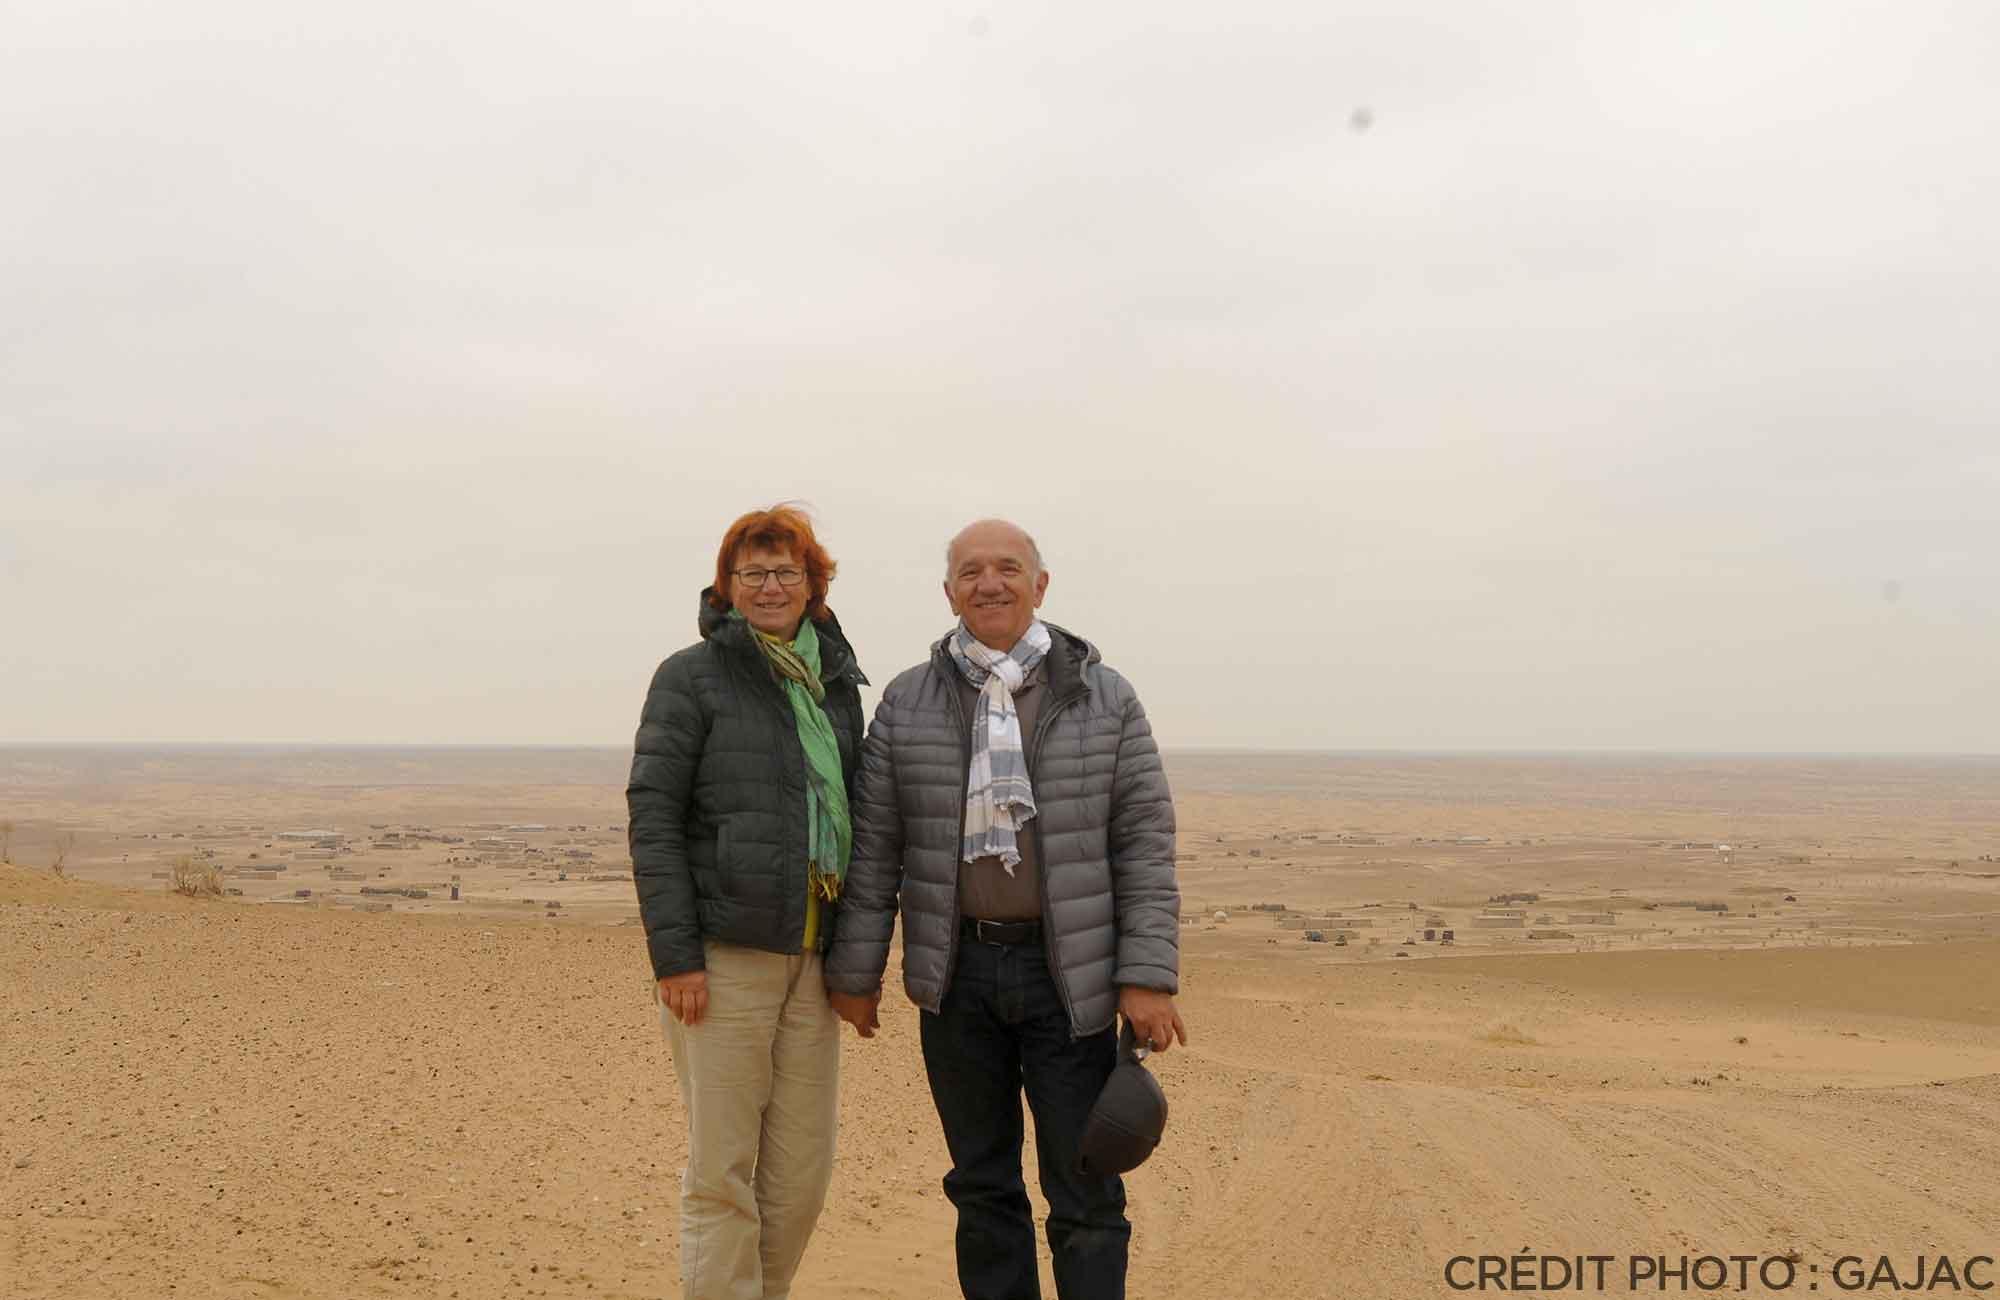 Voyage Ouzbékistan Route de la Soie - Désert - Amplitudes